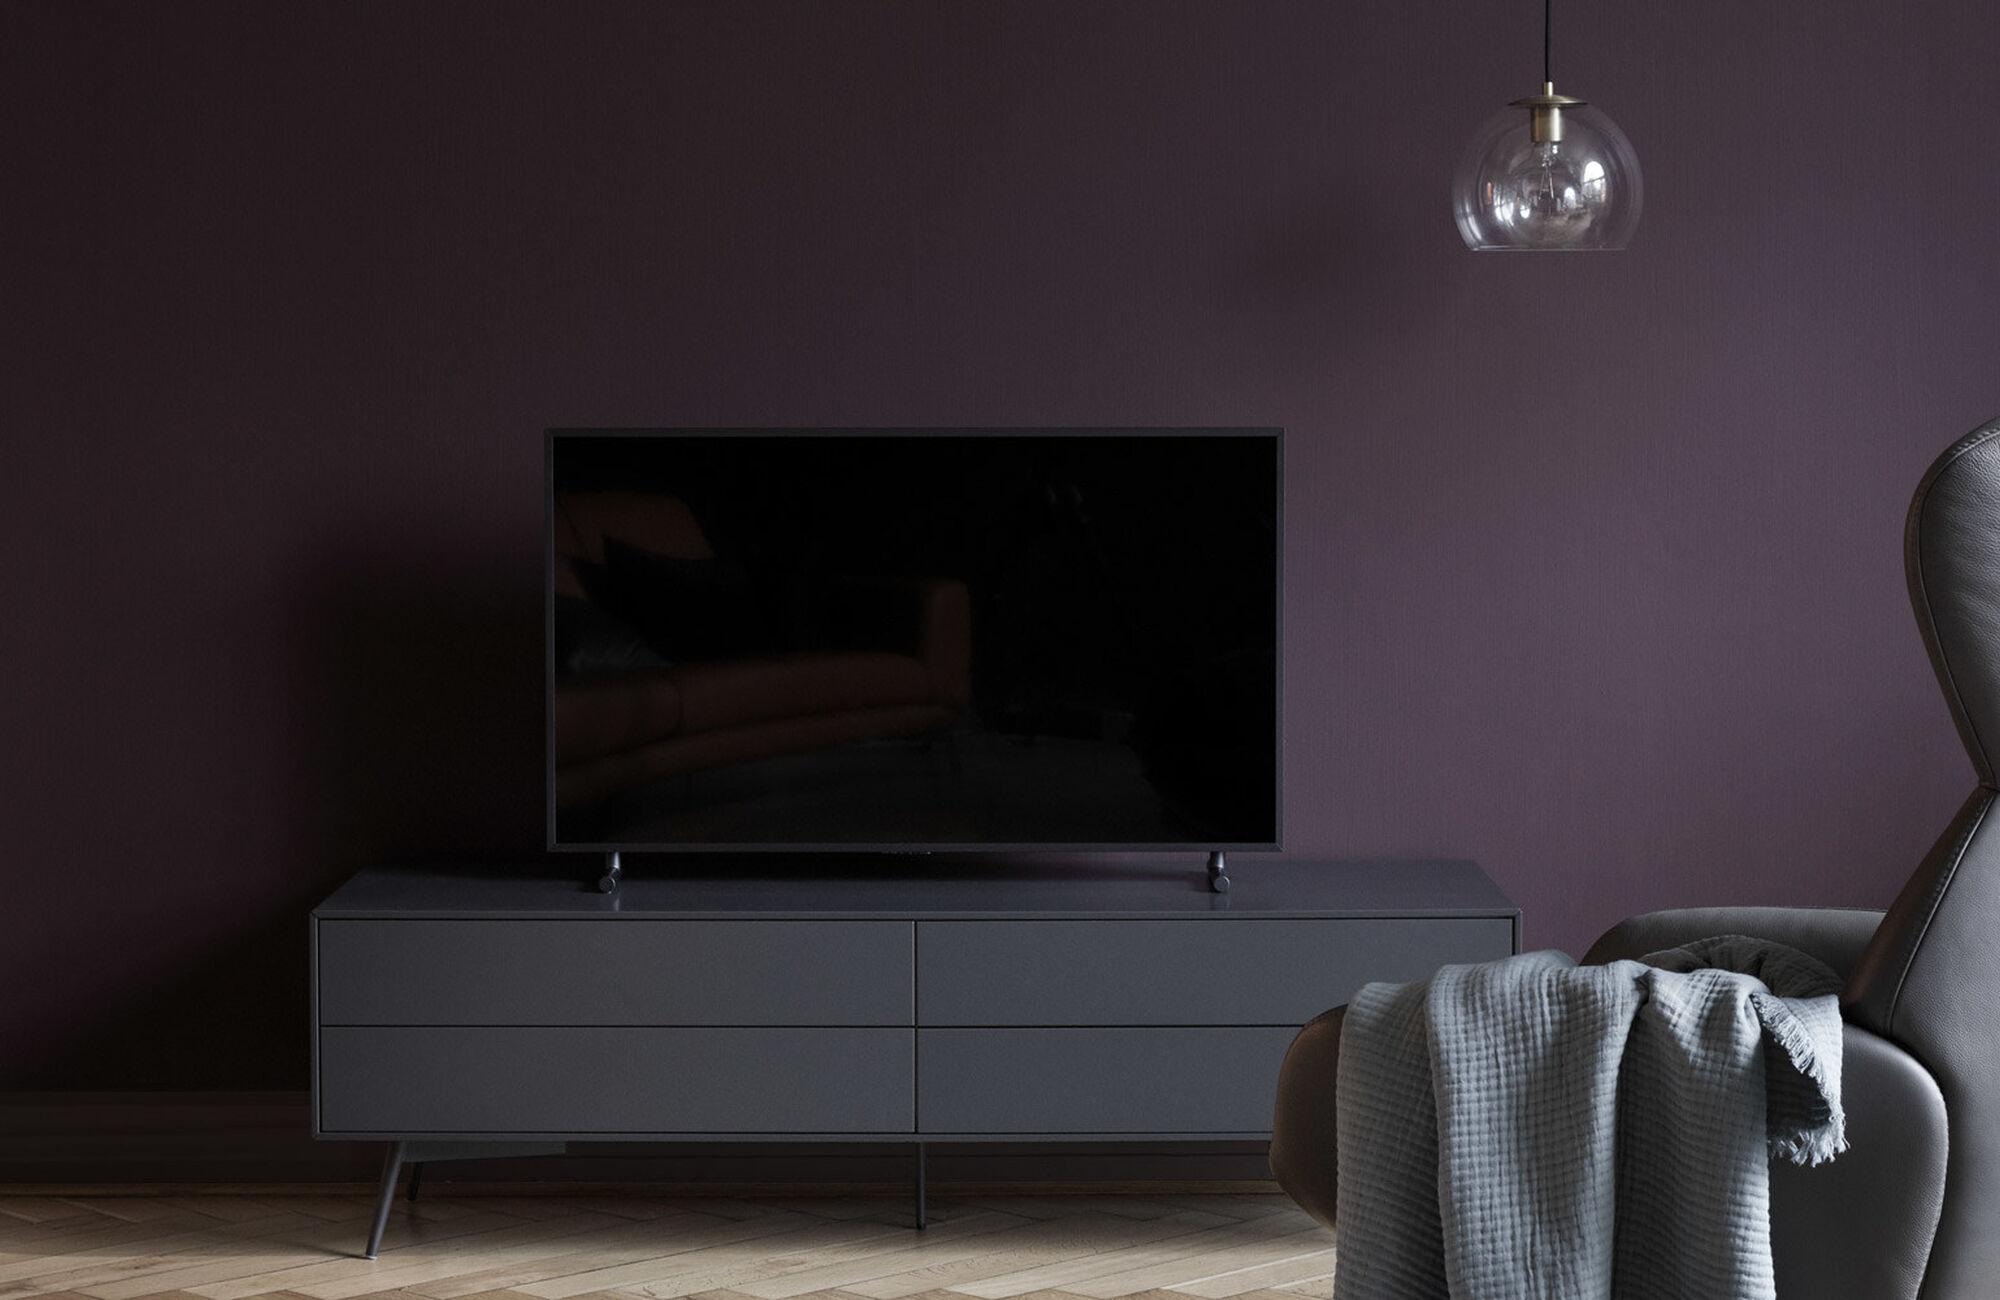 Muebles de TV - Módulo multimedia Fermo con puertas abatibles hacia abajo y cajón